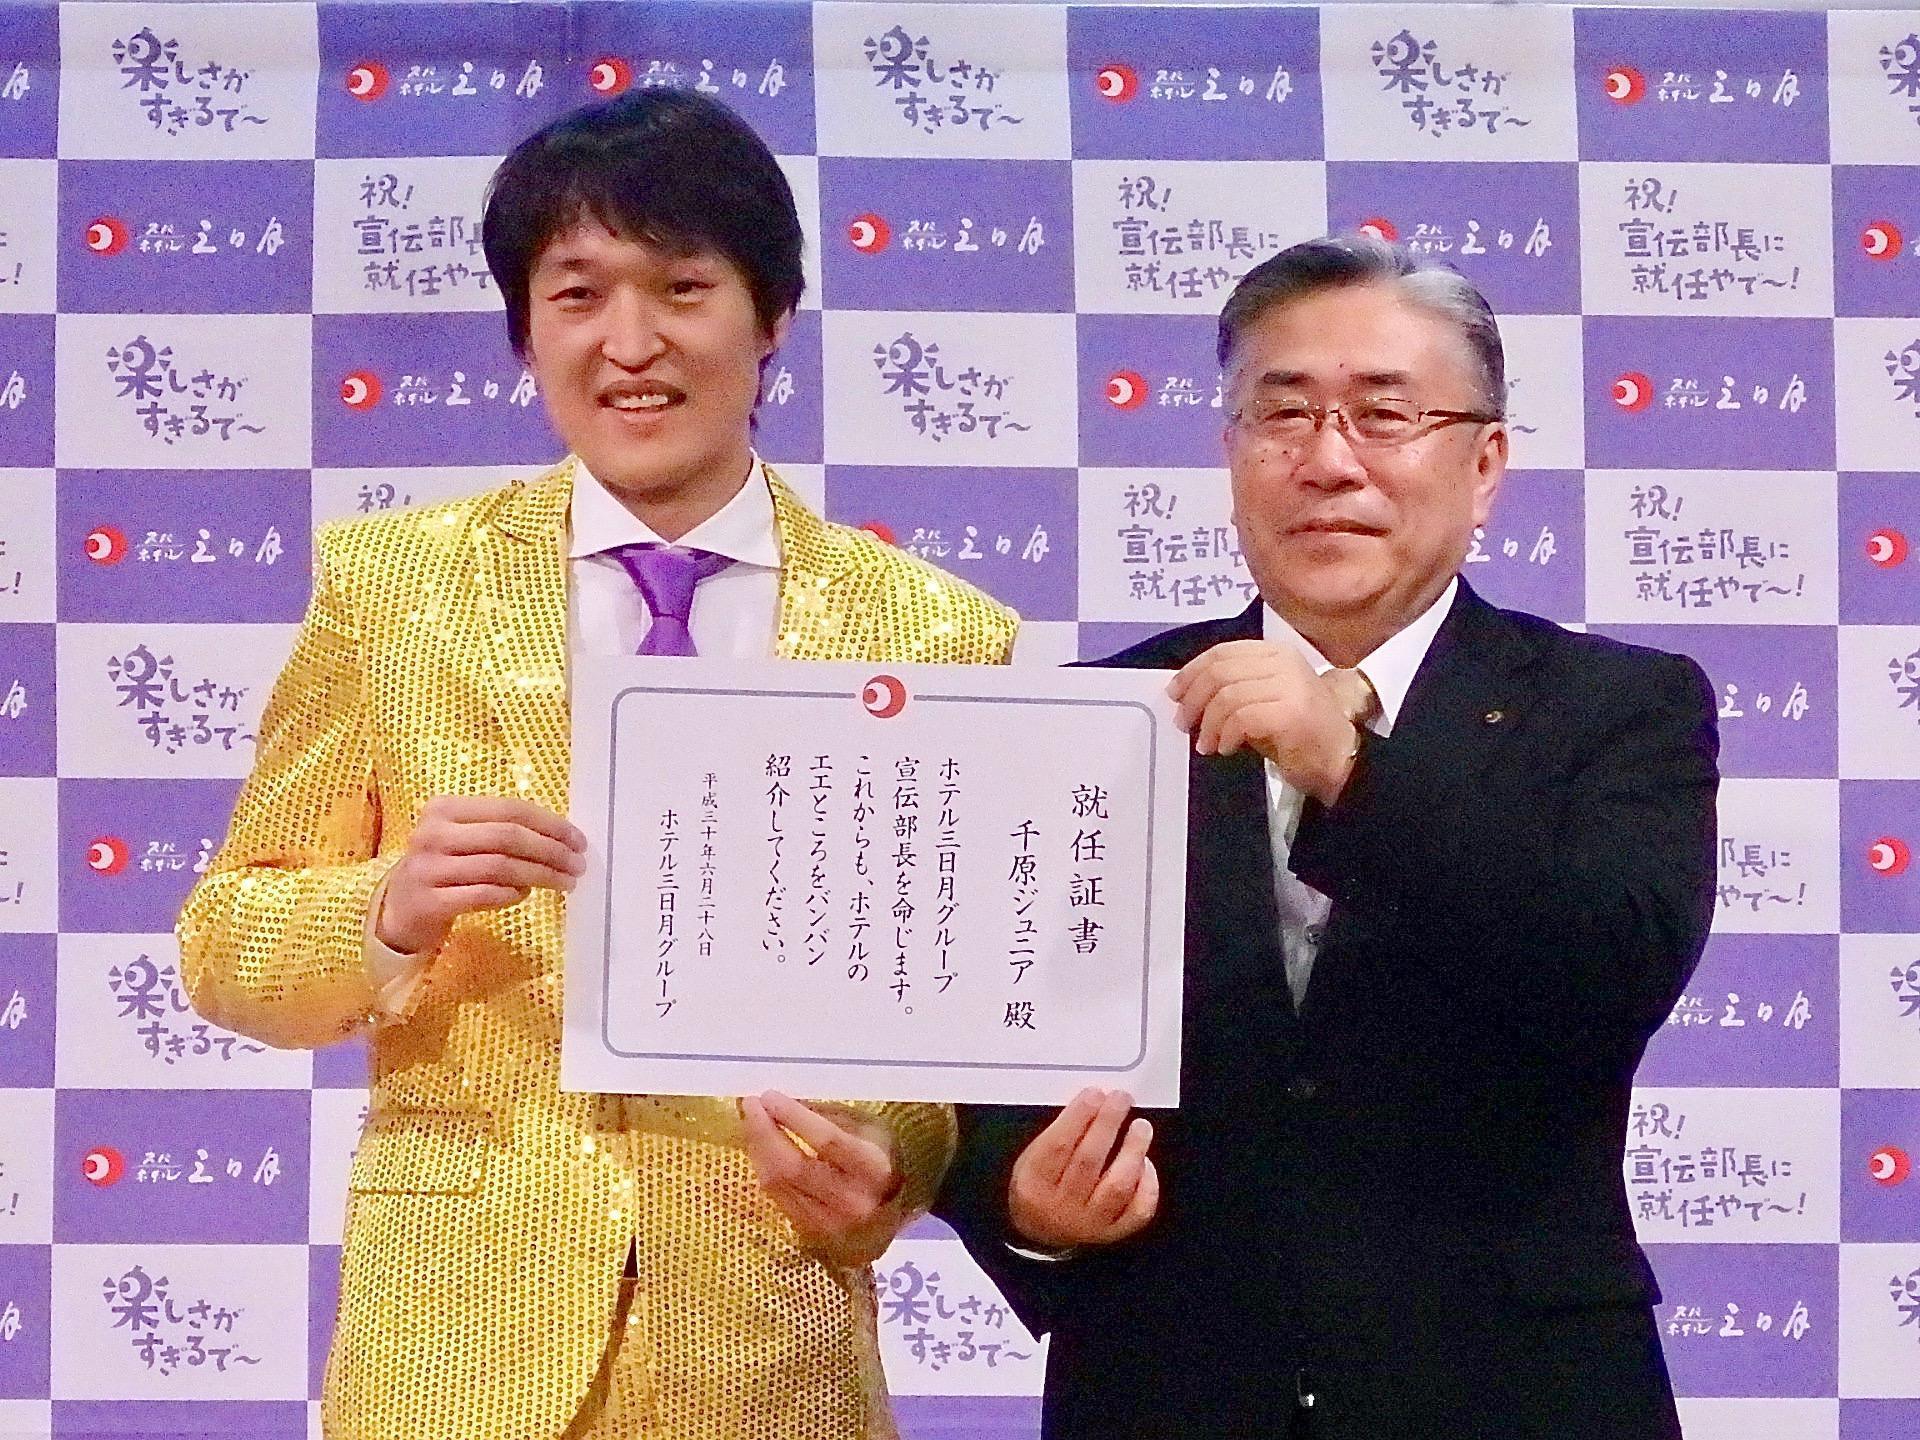 http://news.yoshimoto.co.jp/20180628202917-9c34186b5c508b2de26df6d5b6315c751b30dd2c.jpg